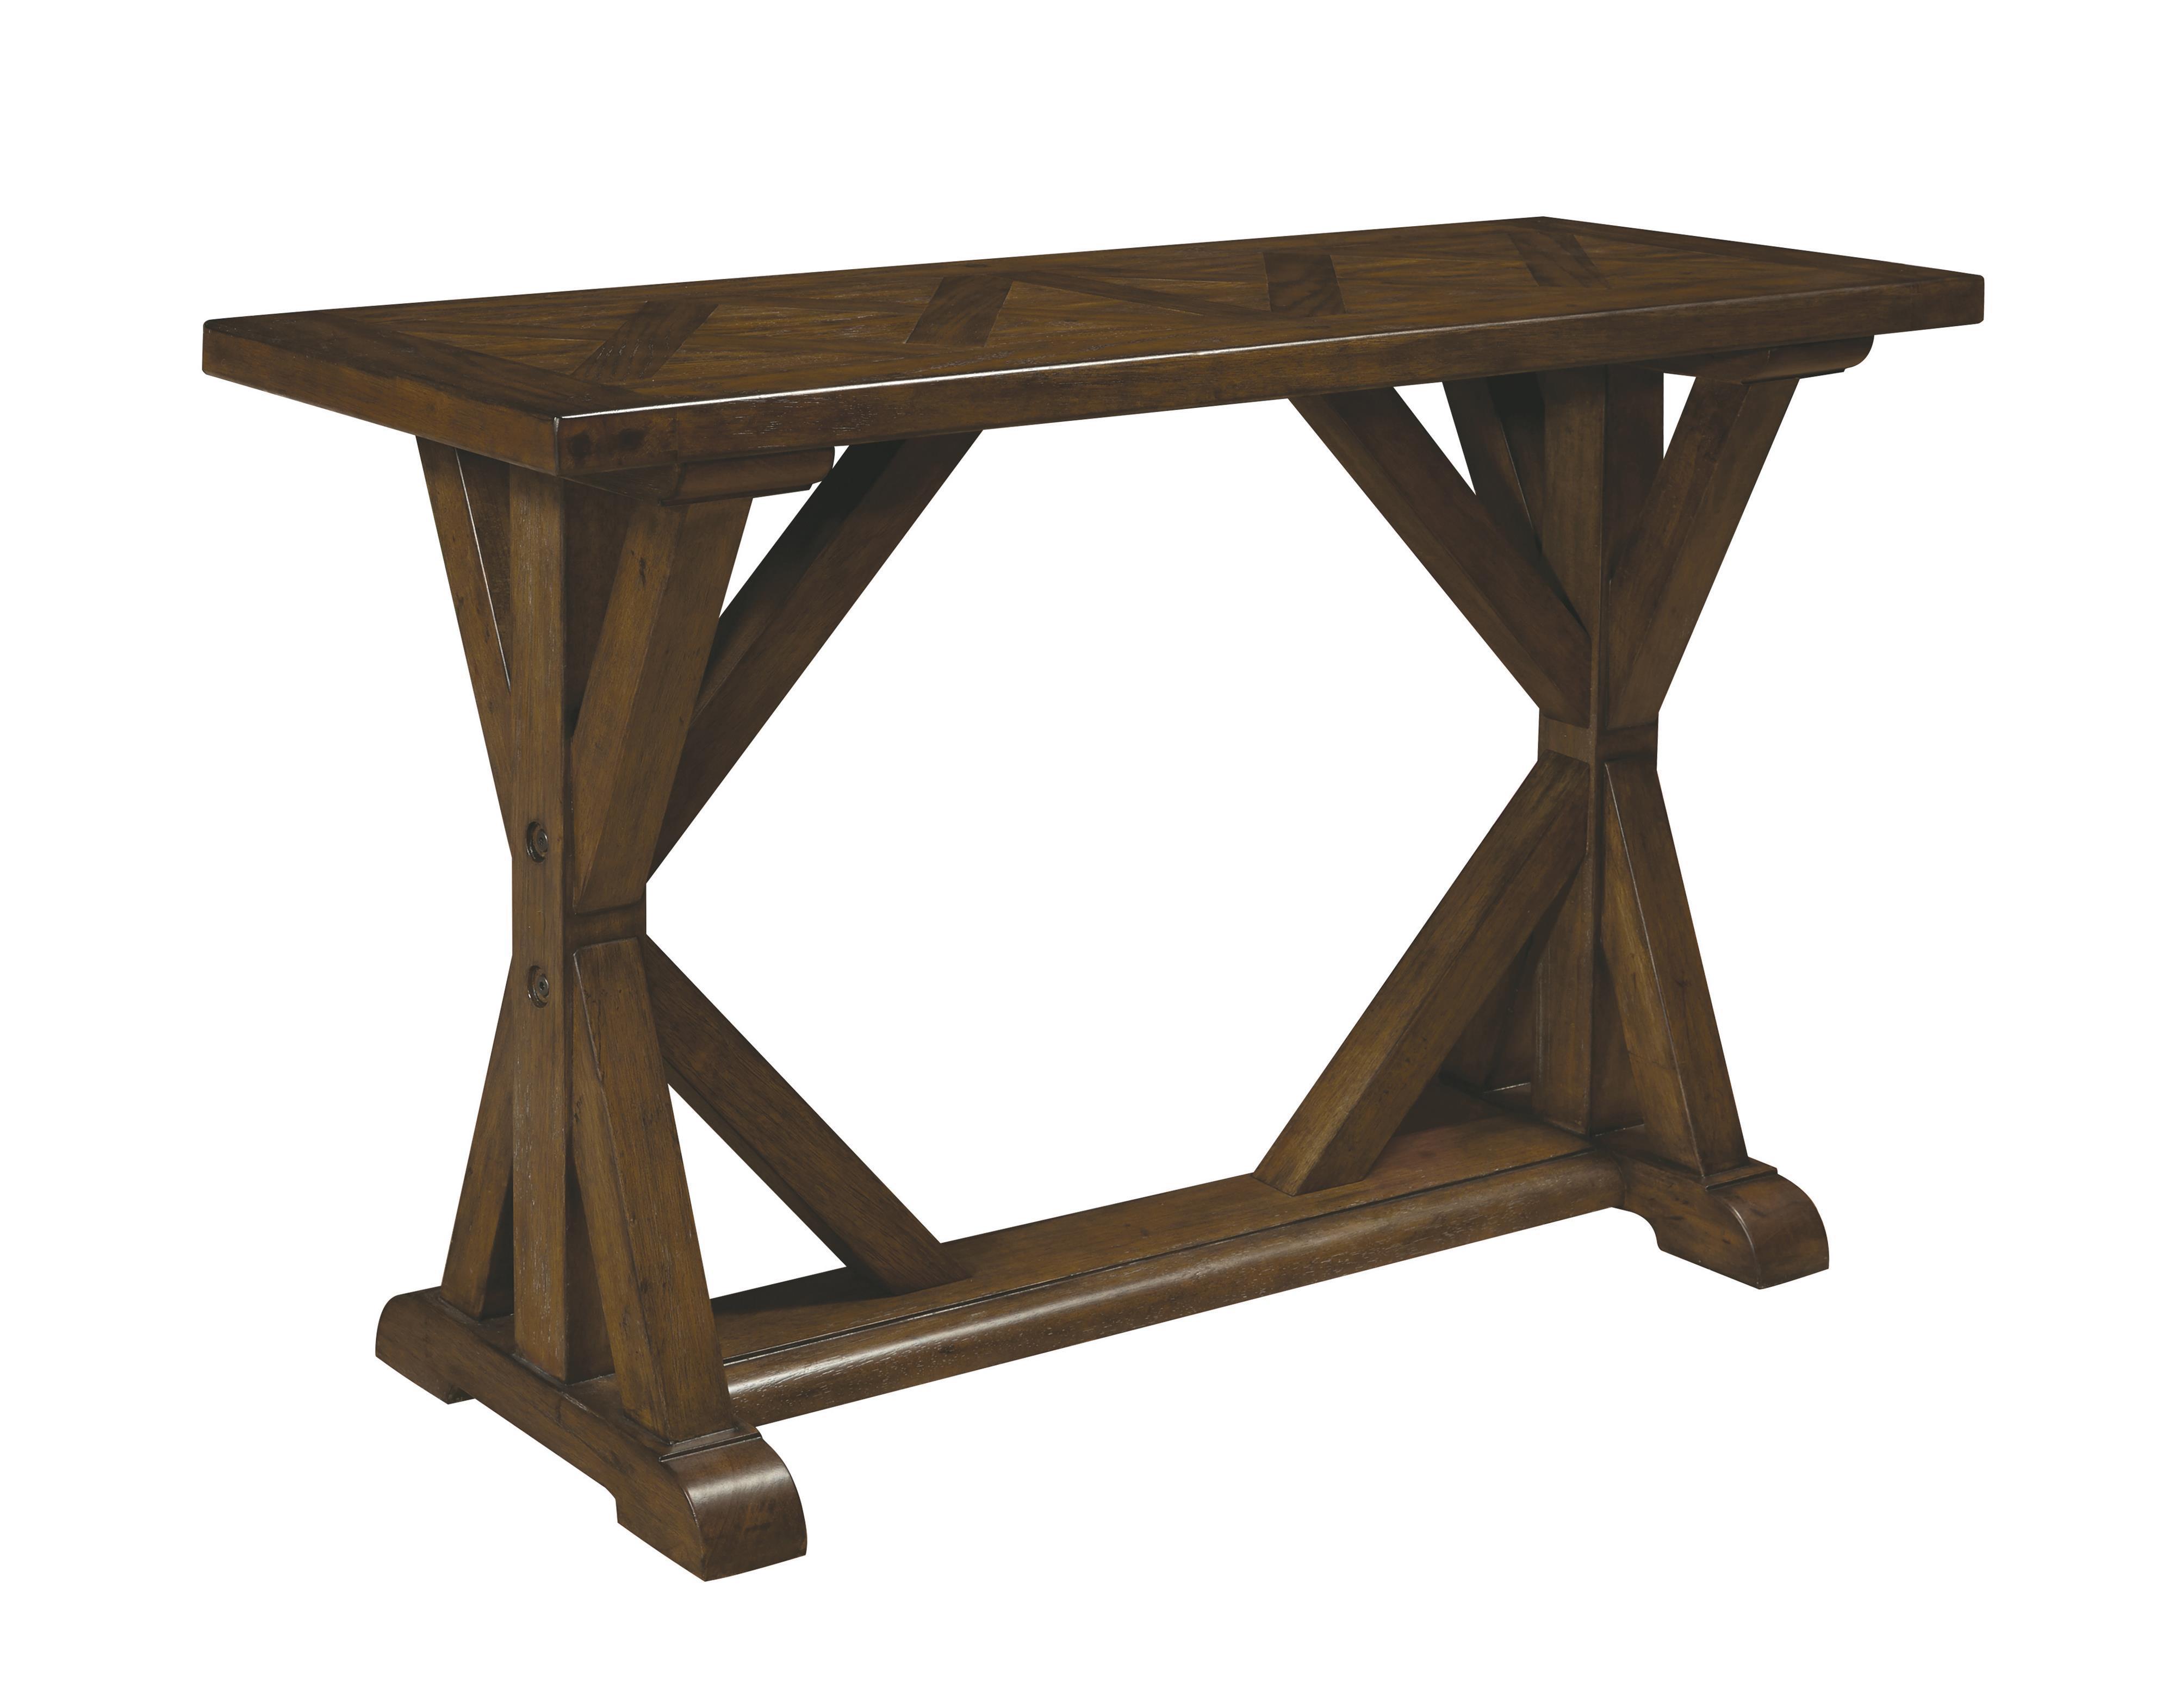 Belfort Select Virginia Mill Sofa Table - Item Number: 8854-104